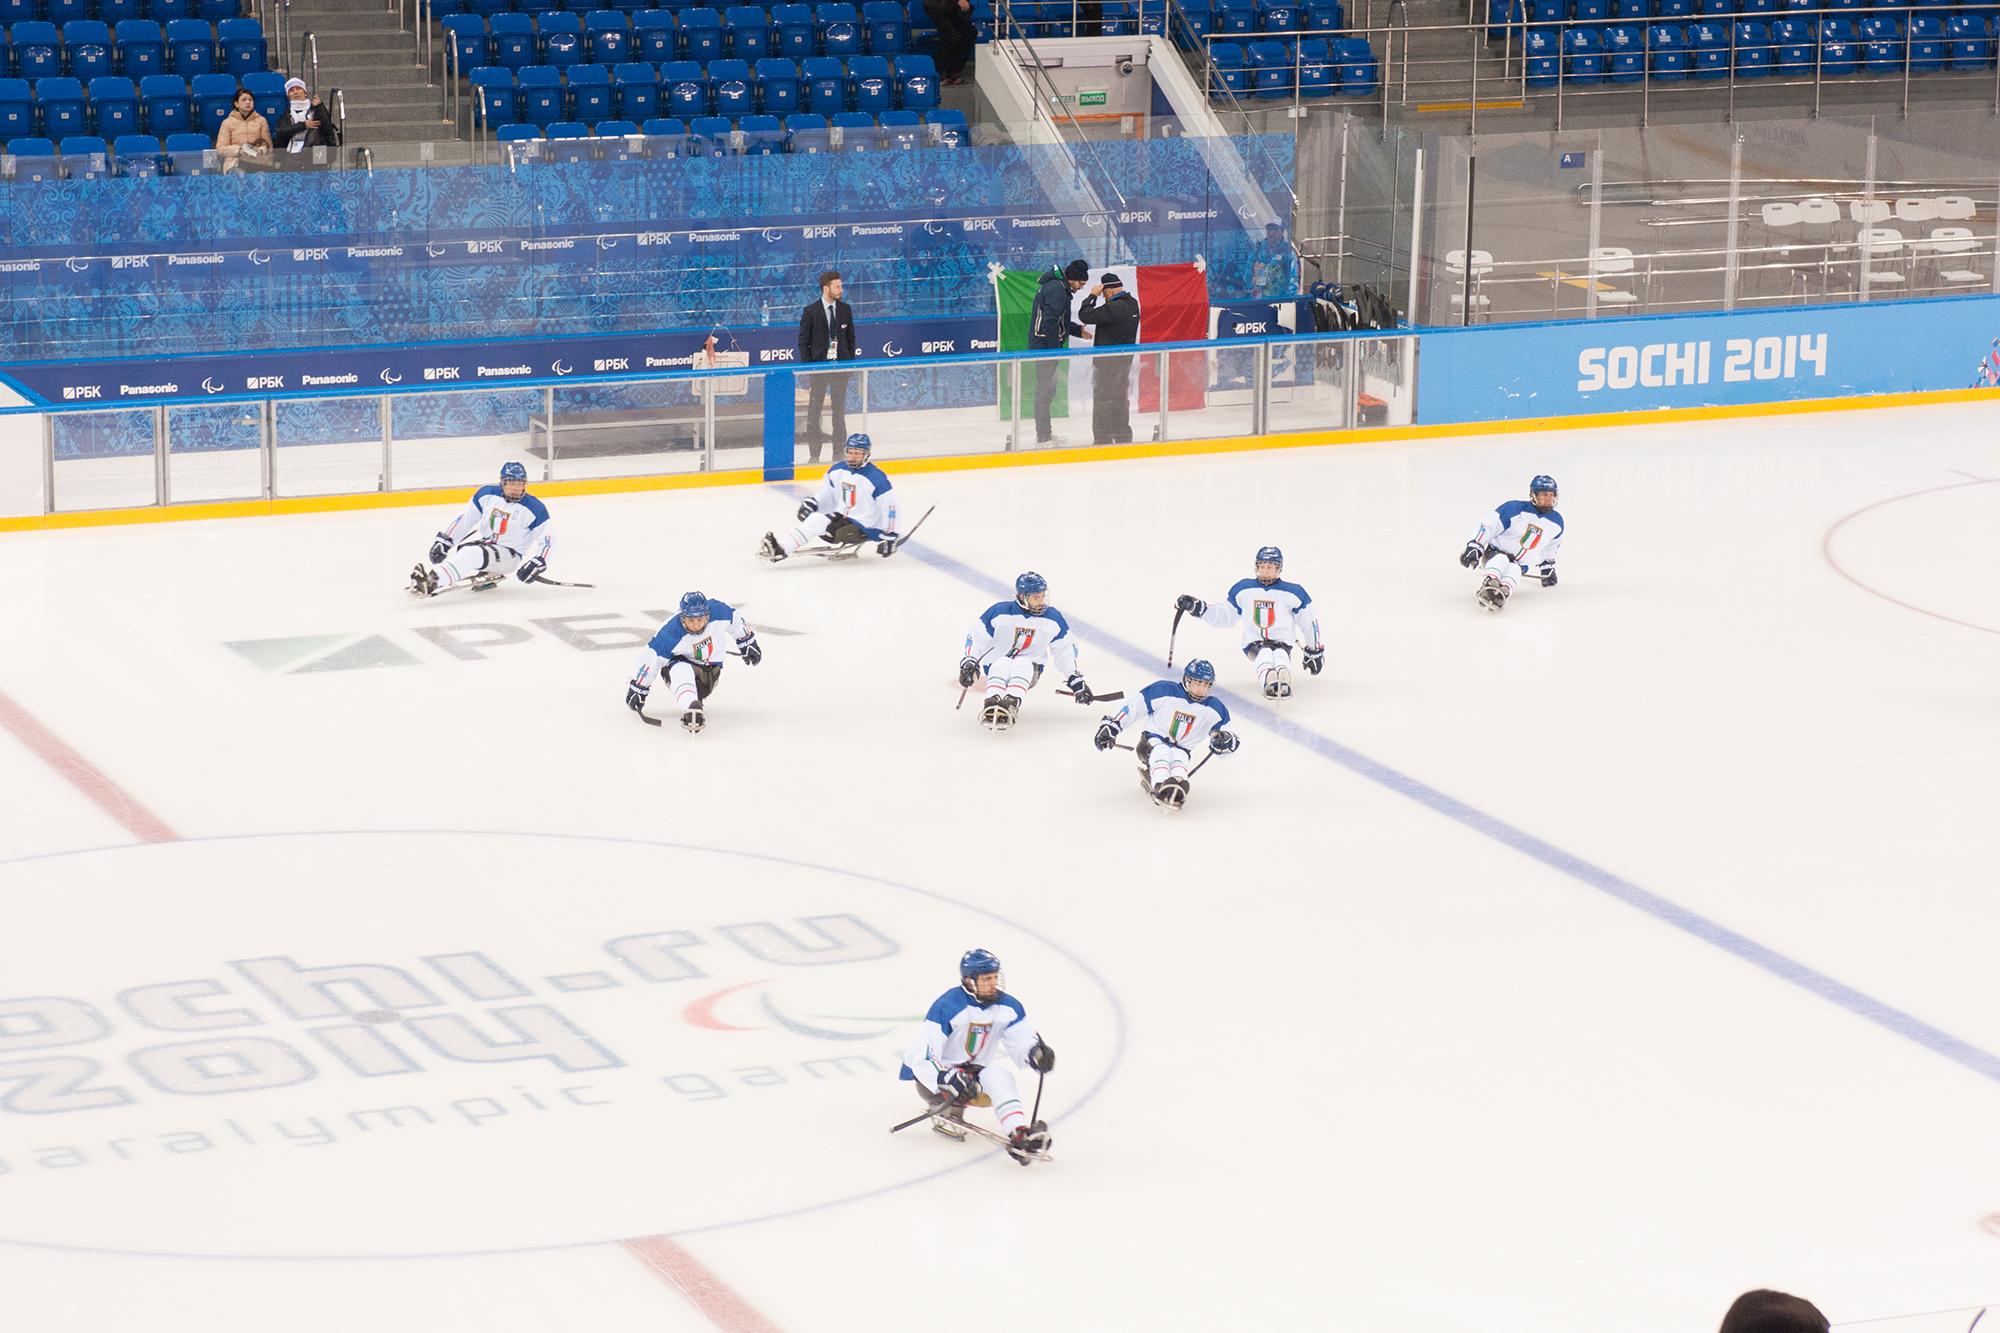 Eishockeyspieler auf Rollen